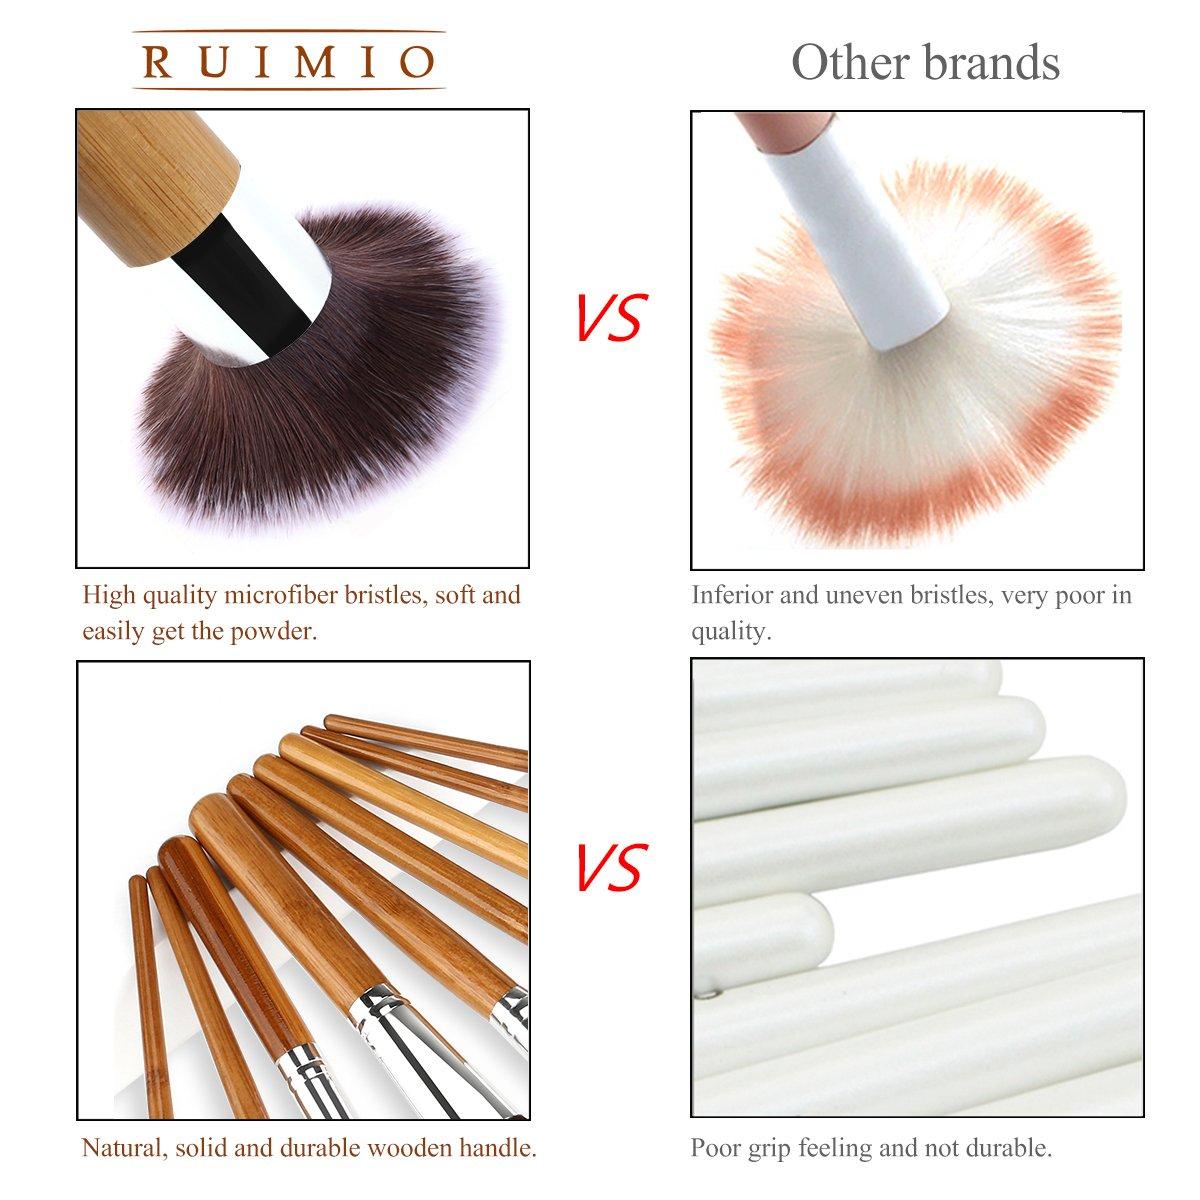 RUIMIO Contour Kit Cream Contour Palette 6 Colors with Makeup Brush Set by PIXNOR (Image #4)